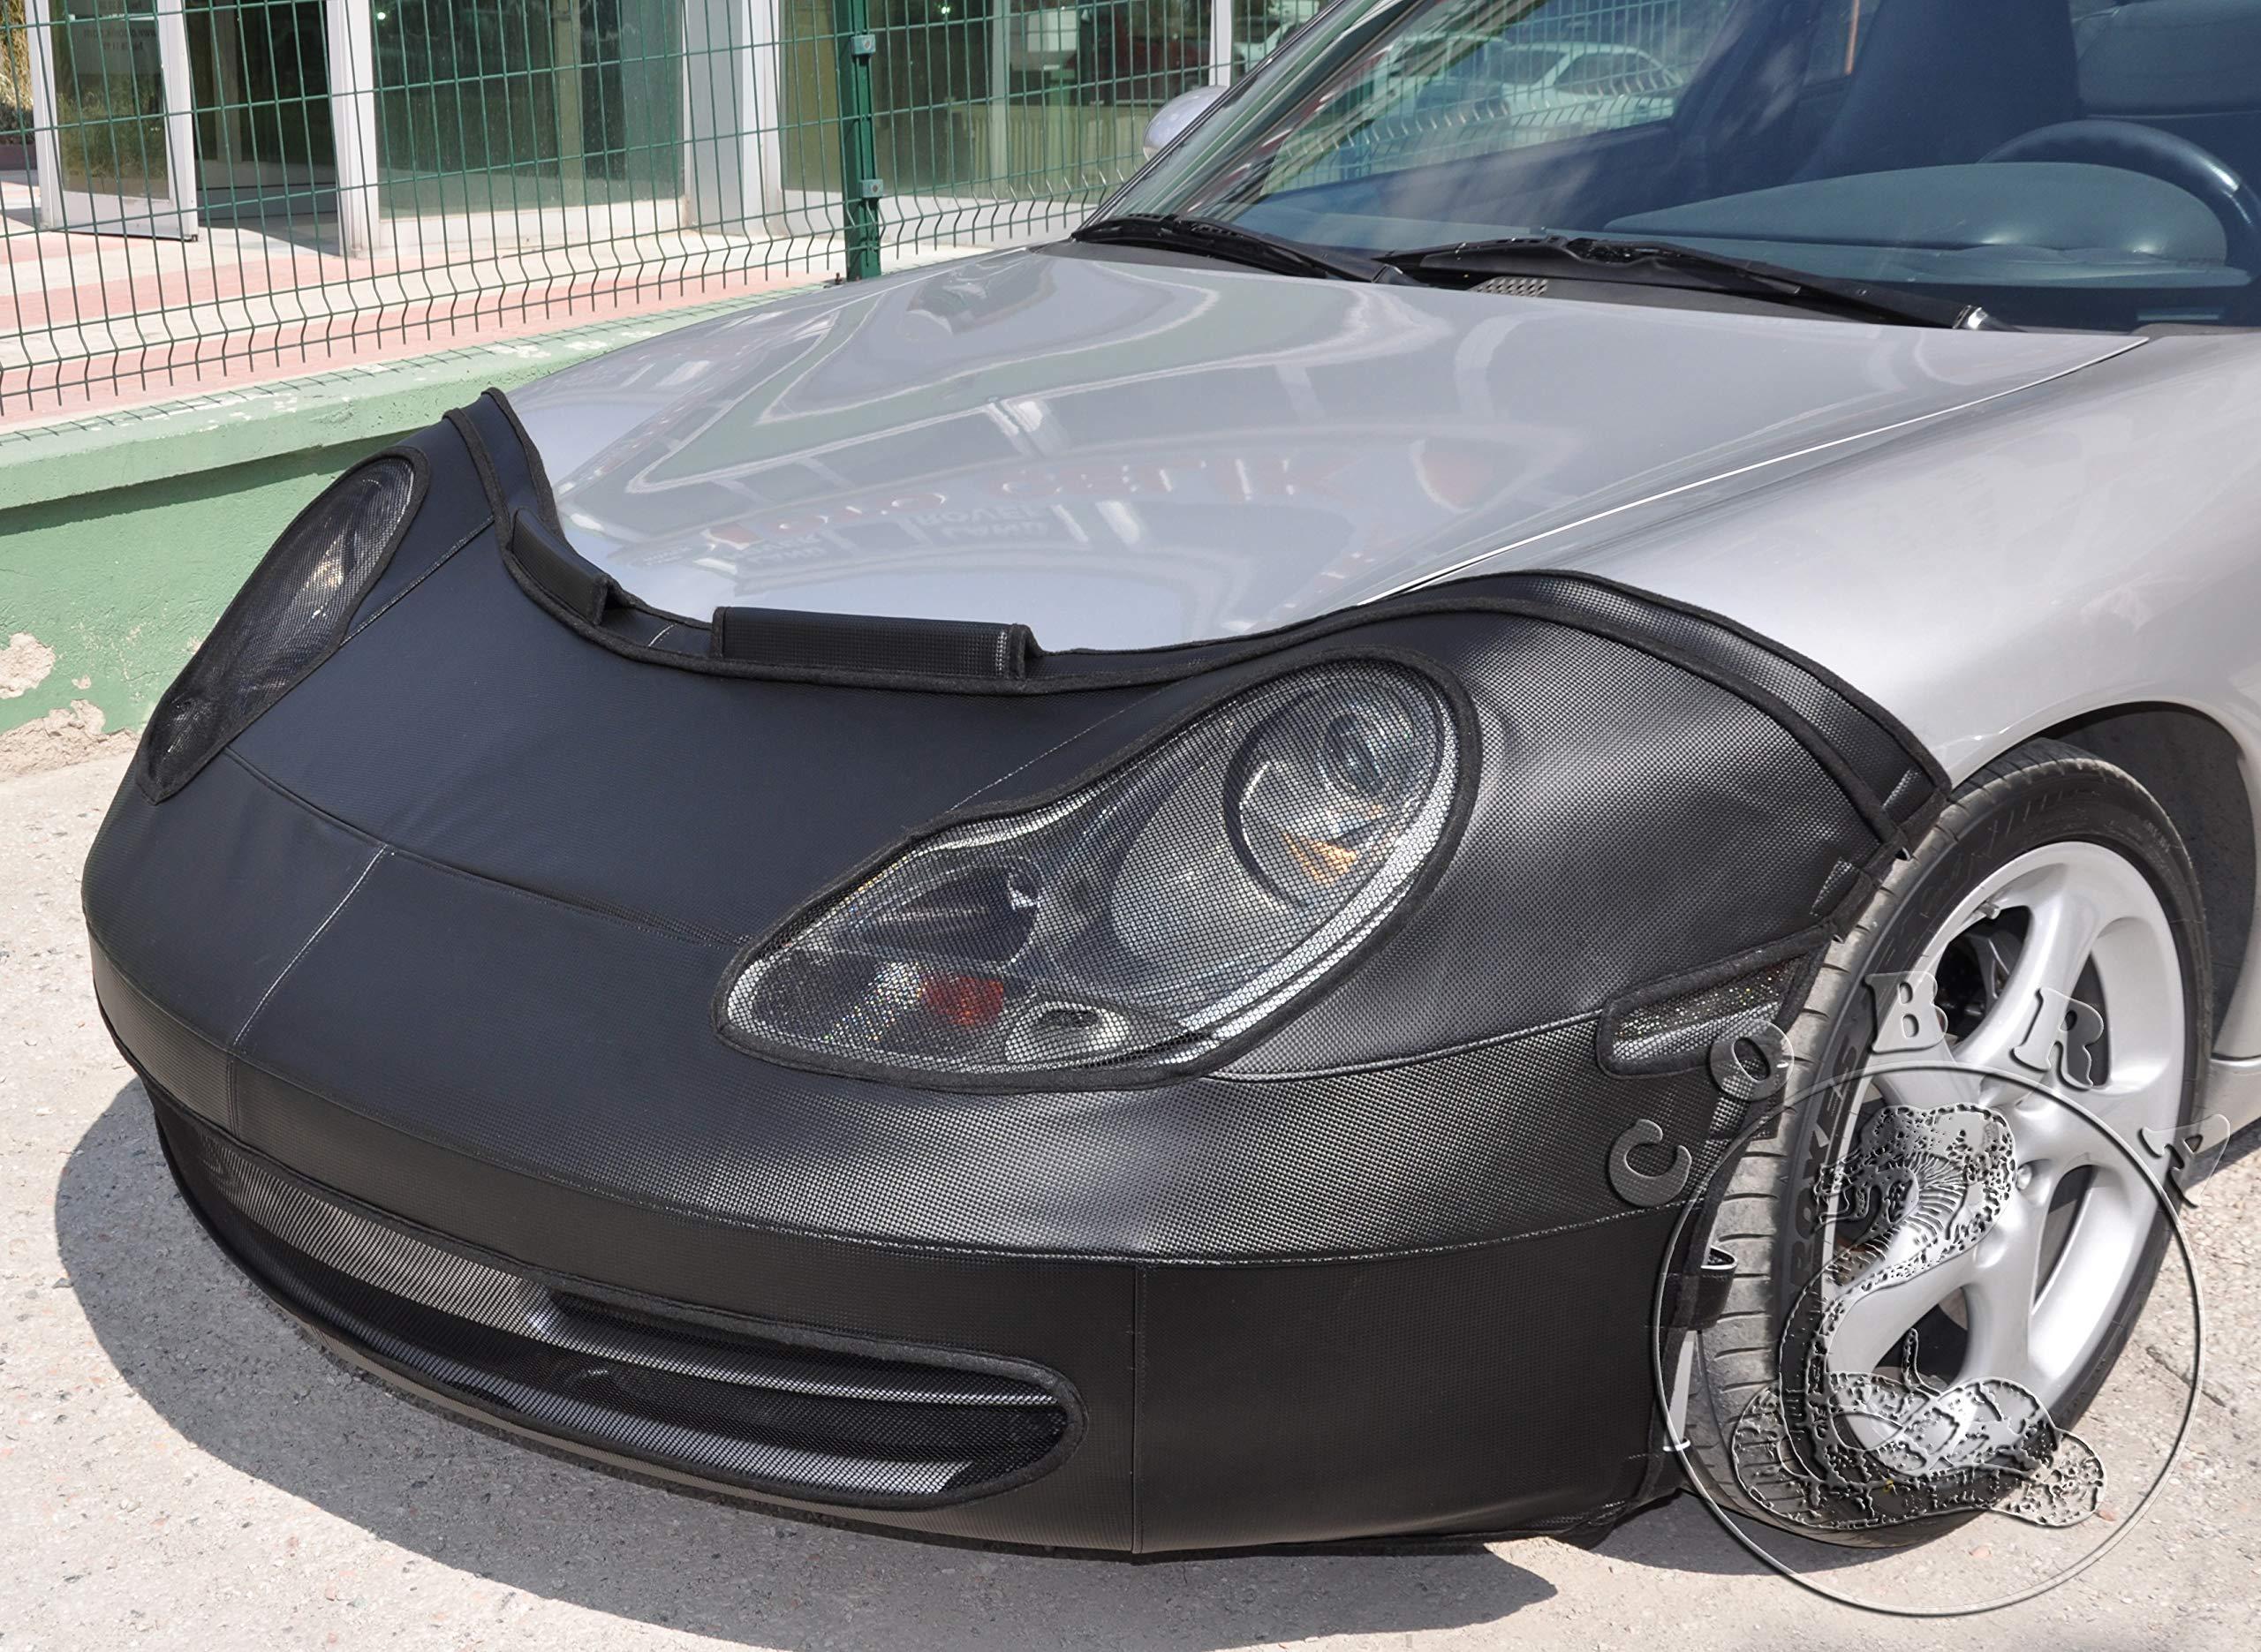 Cobra Auto Accessories Full Bra MASK in Carbon Style Fits Porsche 996 Carrera 98 99 2000 01 02 03 04